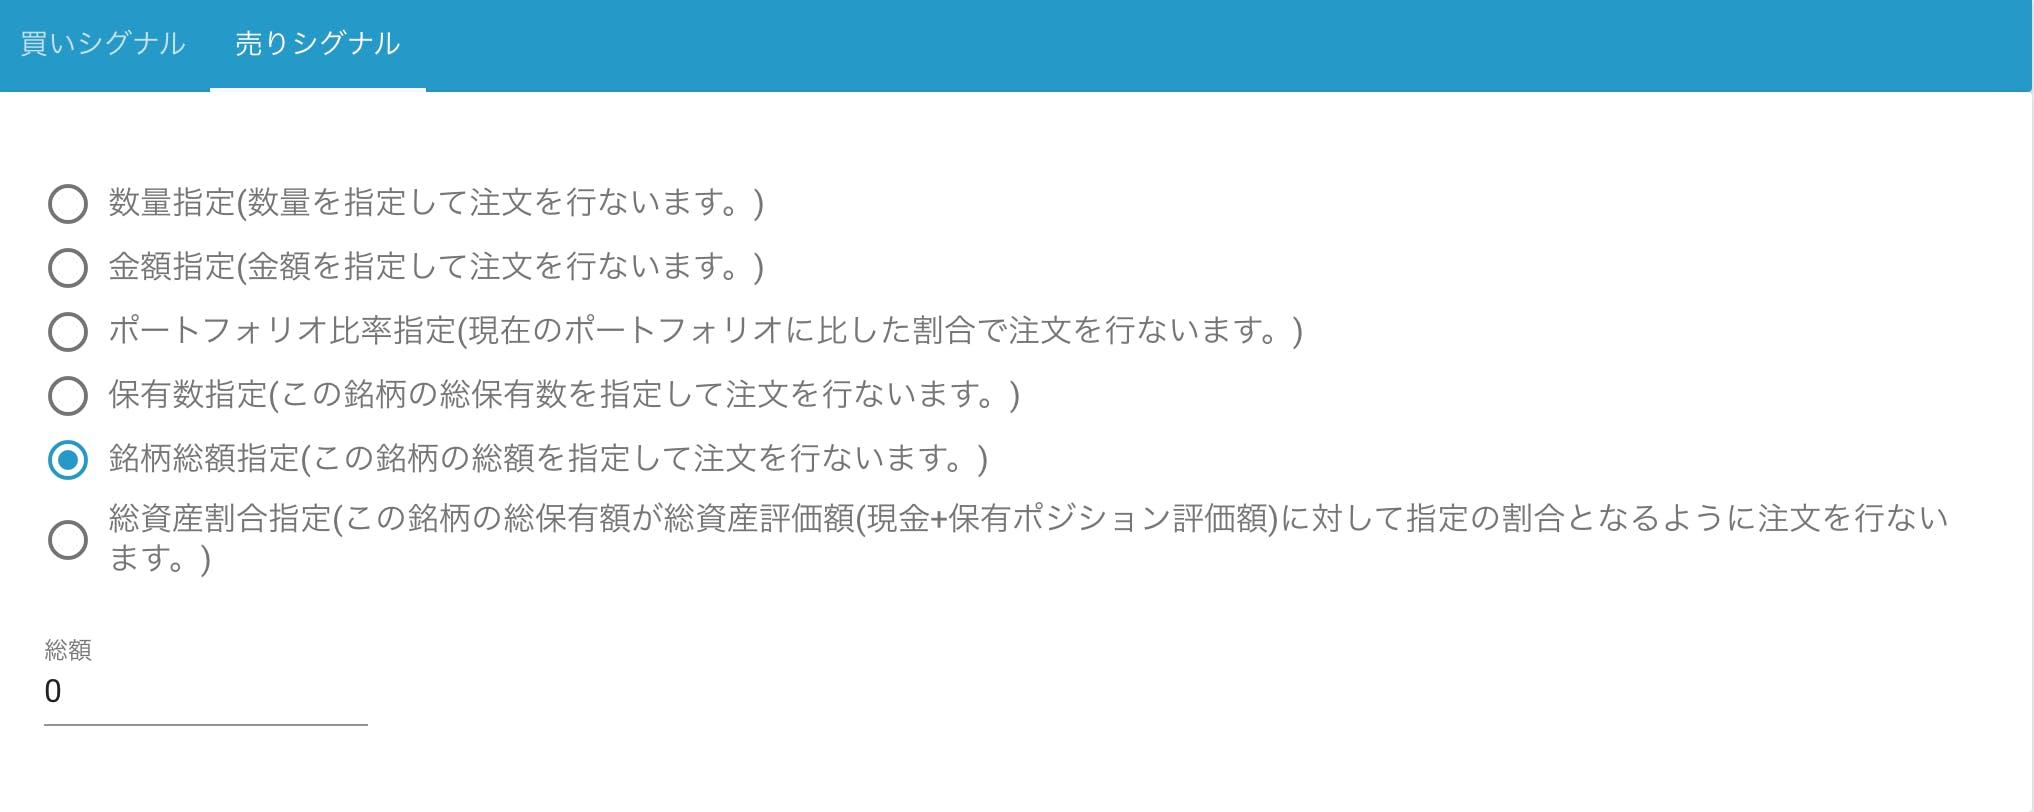 スクリーンショット 2019-09-18 21.19.26.png